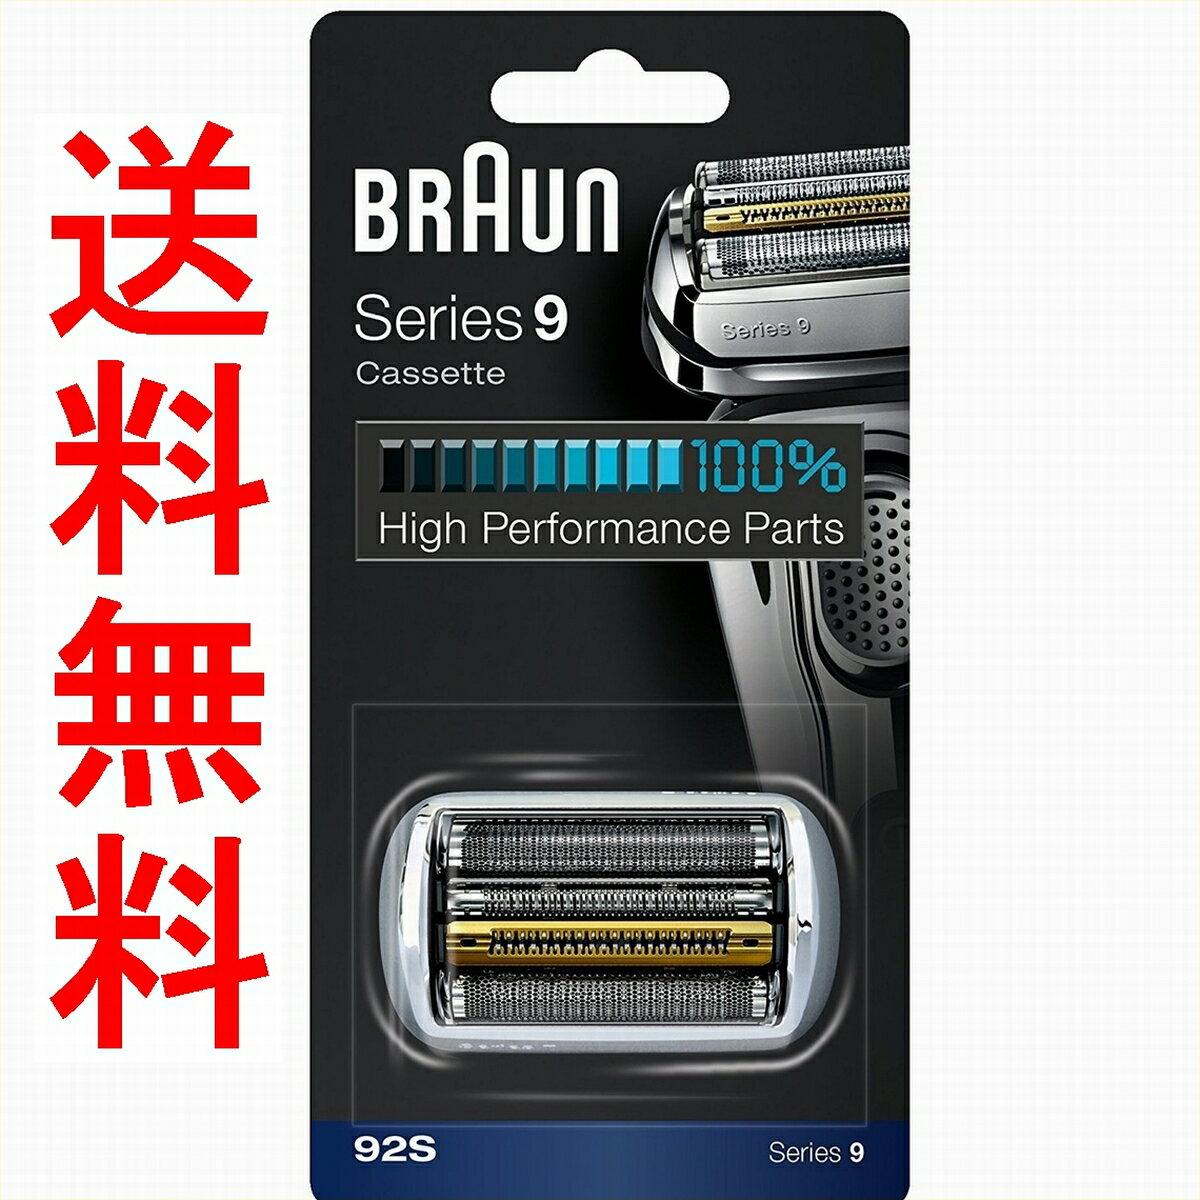 ブラウン 替刃 シリーズ9 92S(F/C90S F/C92S) 網刃・内刃一体型カセット シルバー 並行輸入品